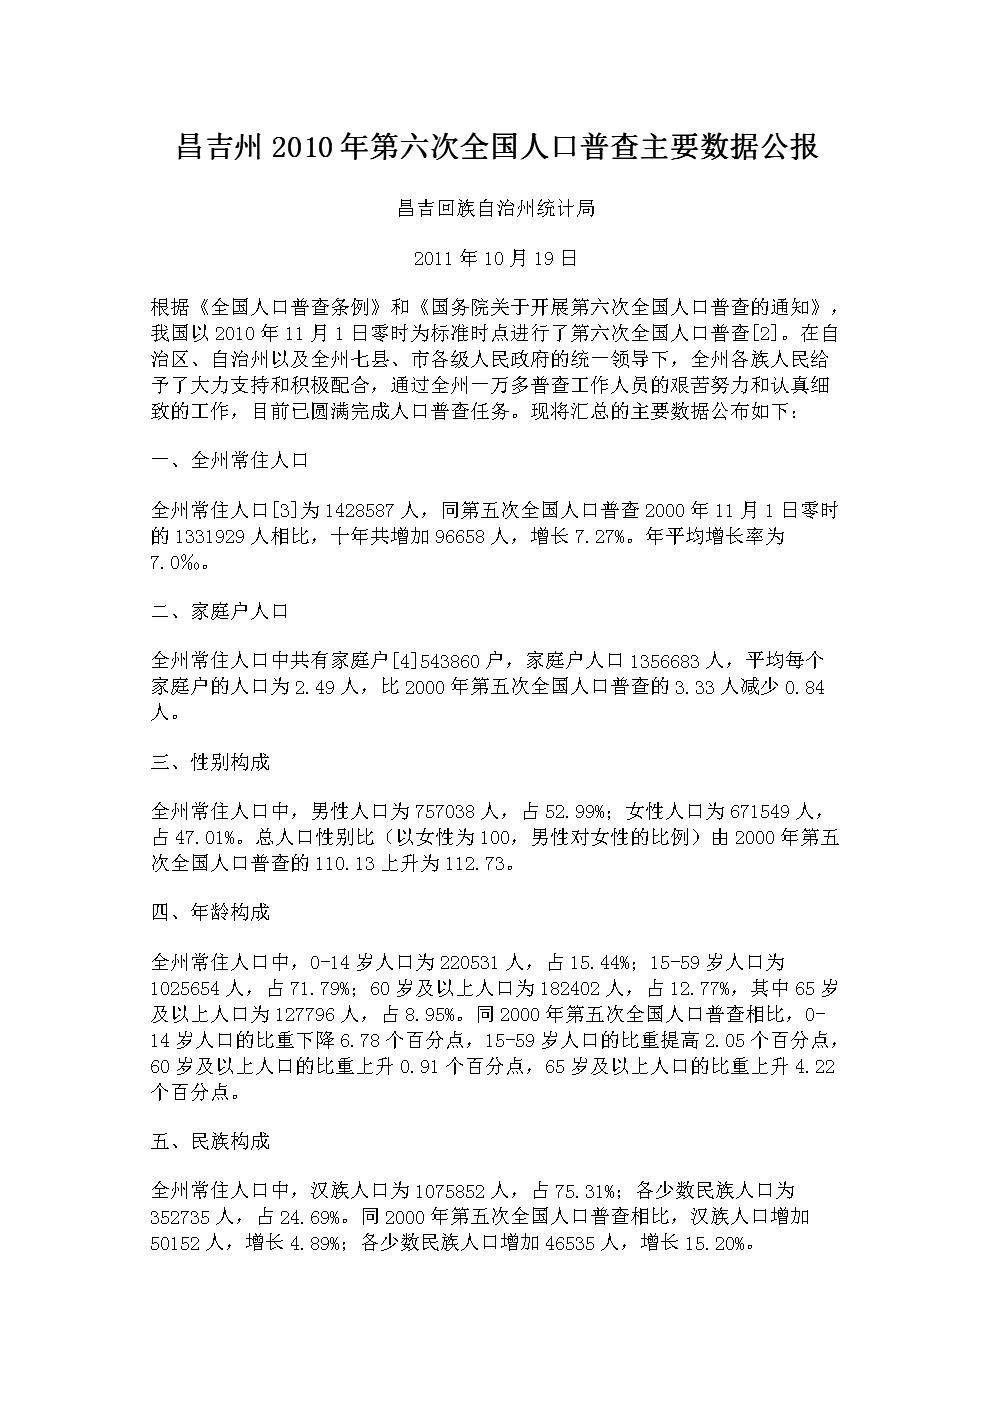 昌吉学院_2011年昌吉总人口数